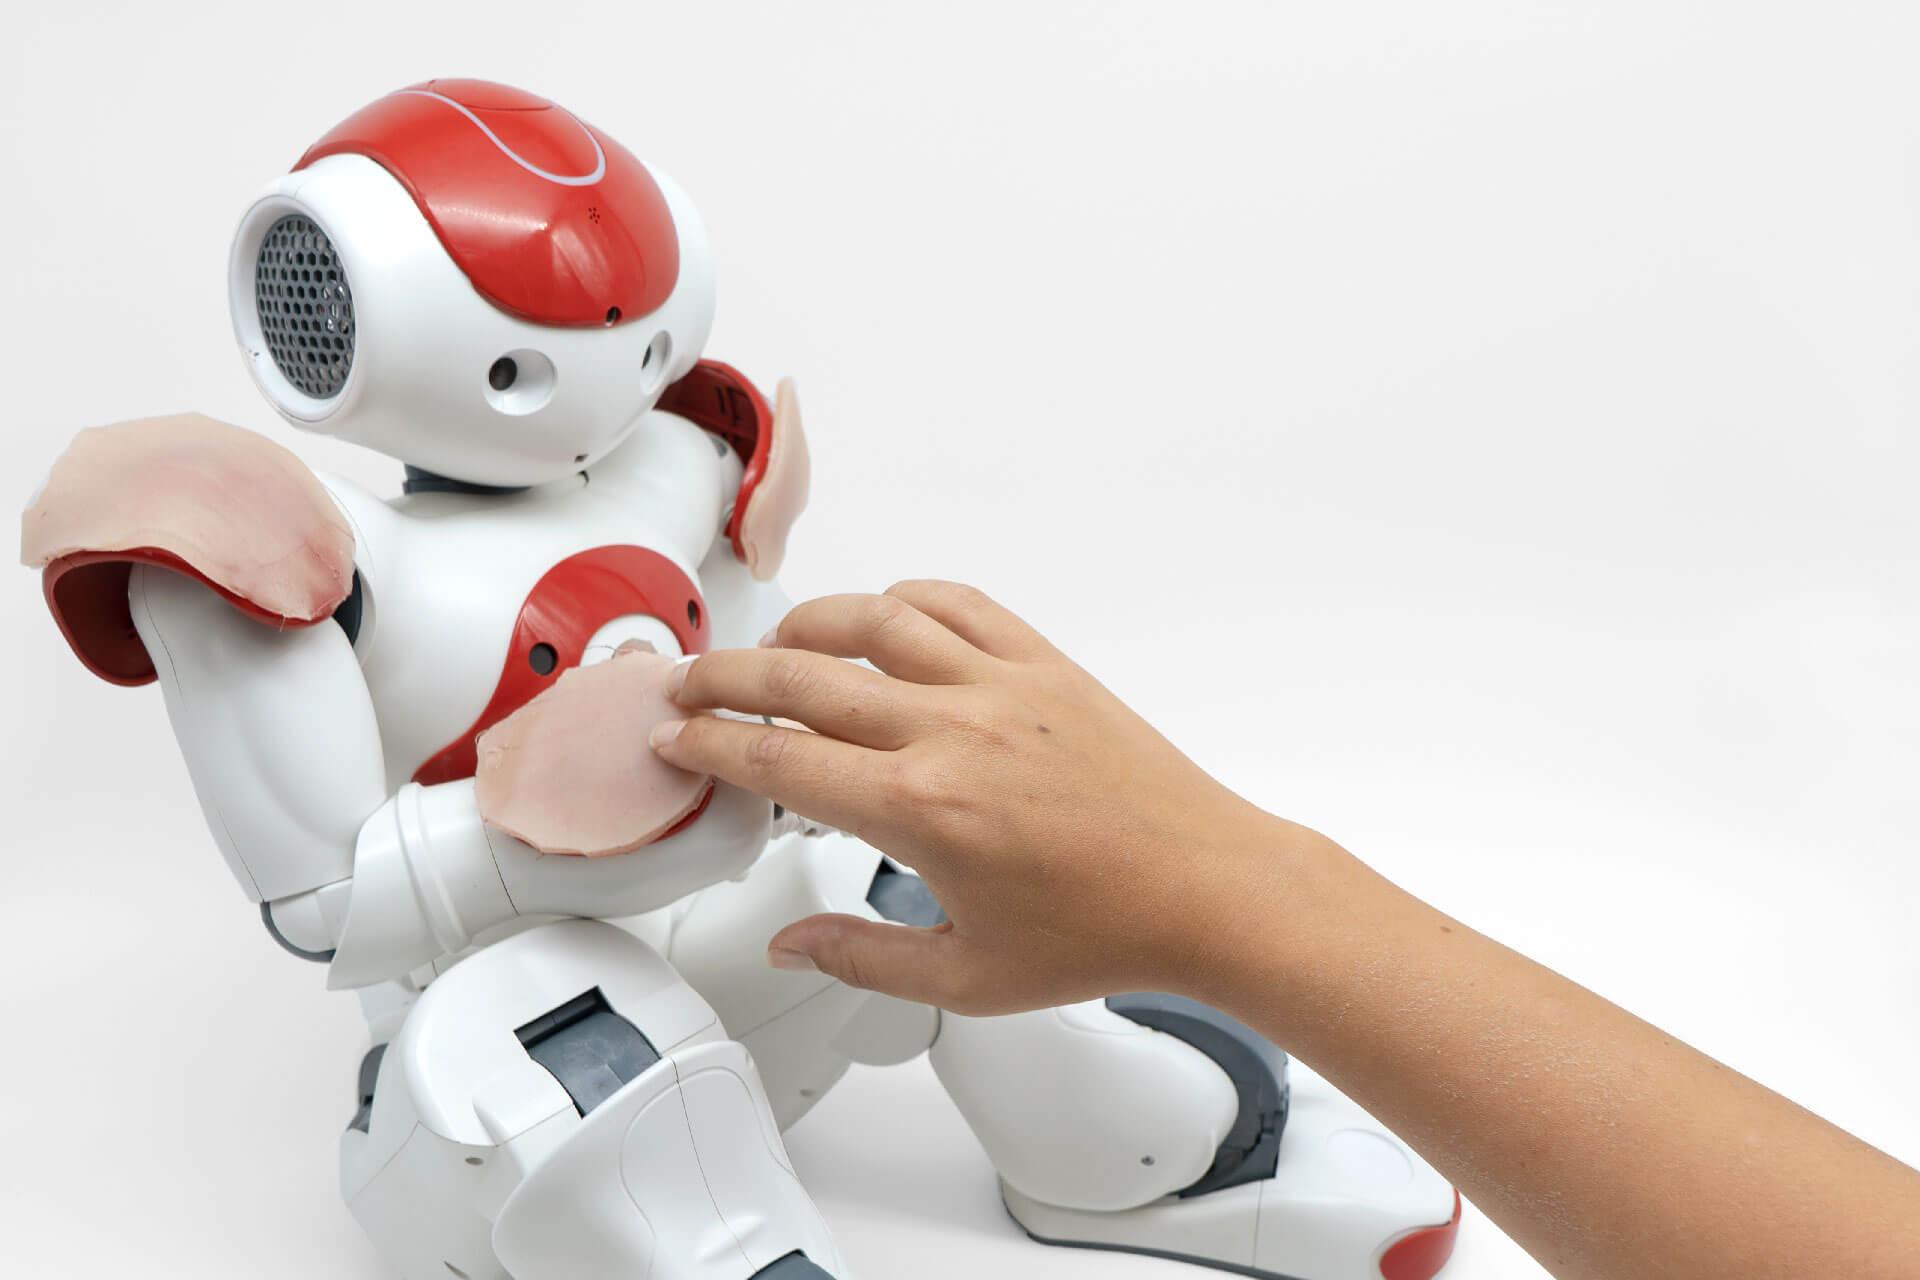 Кожа, разработанная для смартфонов и человекоподобных роботов, реагирует на прикосновения